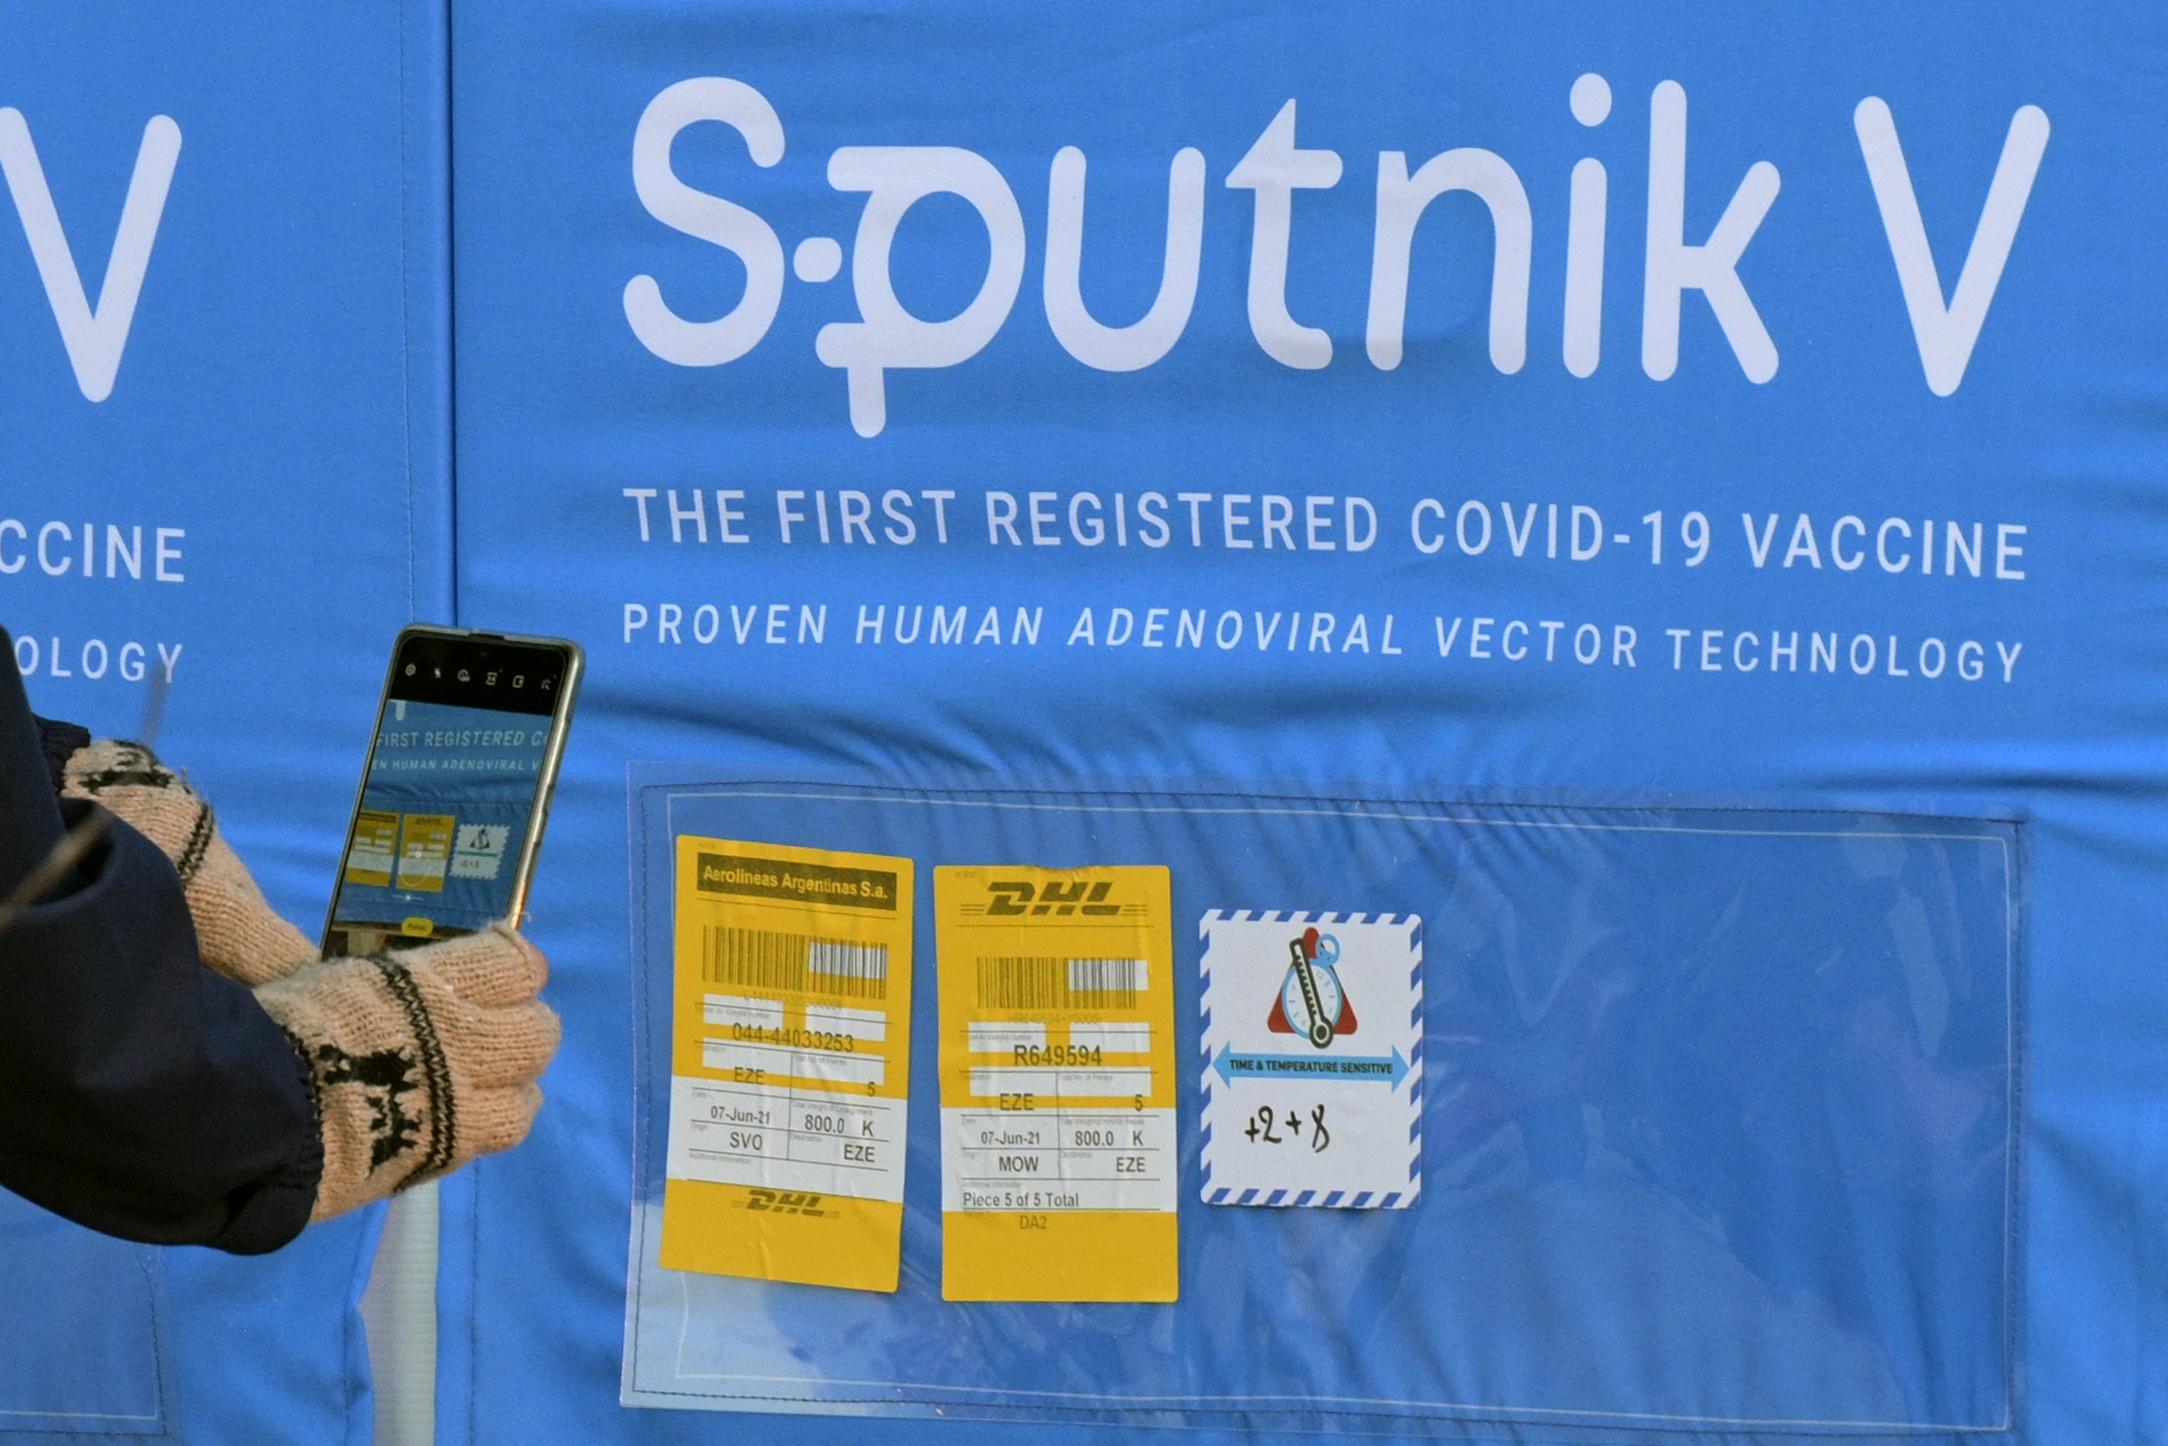 Az oroszok szerint 90 százaléknál nagyobb hatékonysággal véd a Szputnyik a delta variánstól